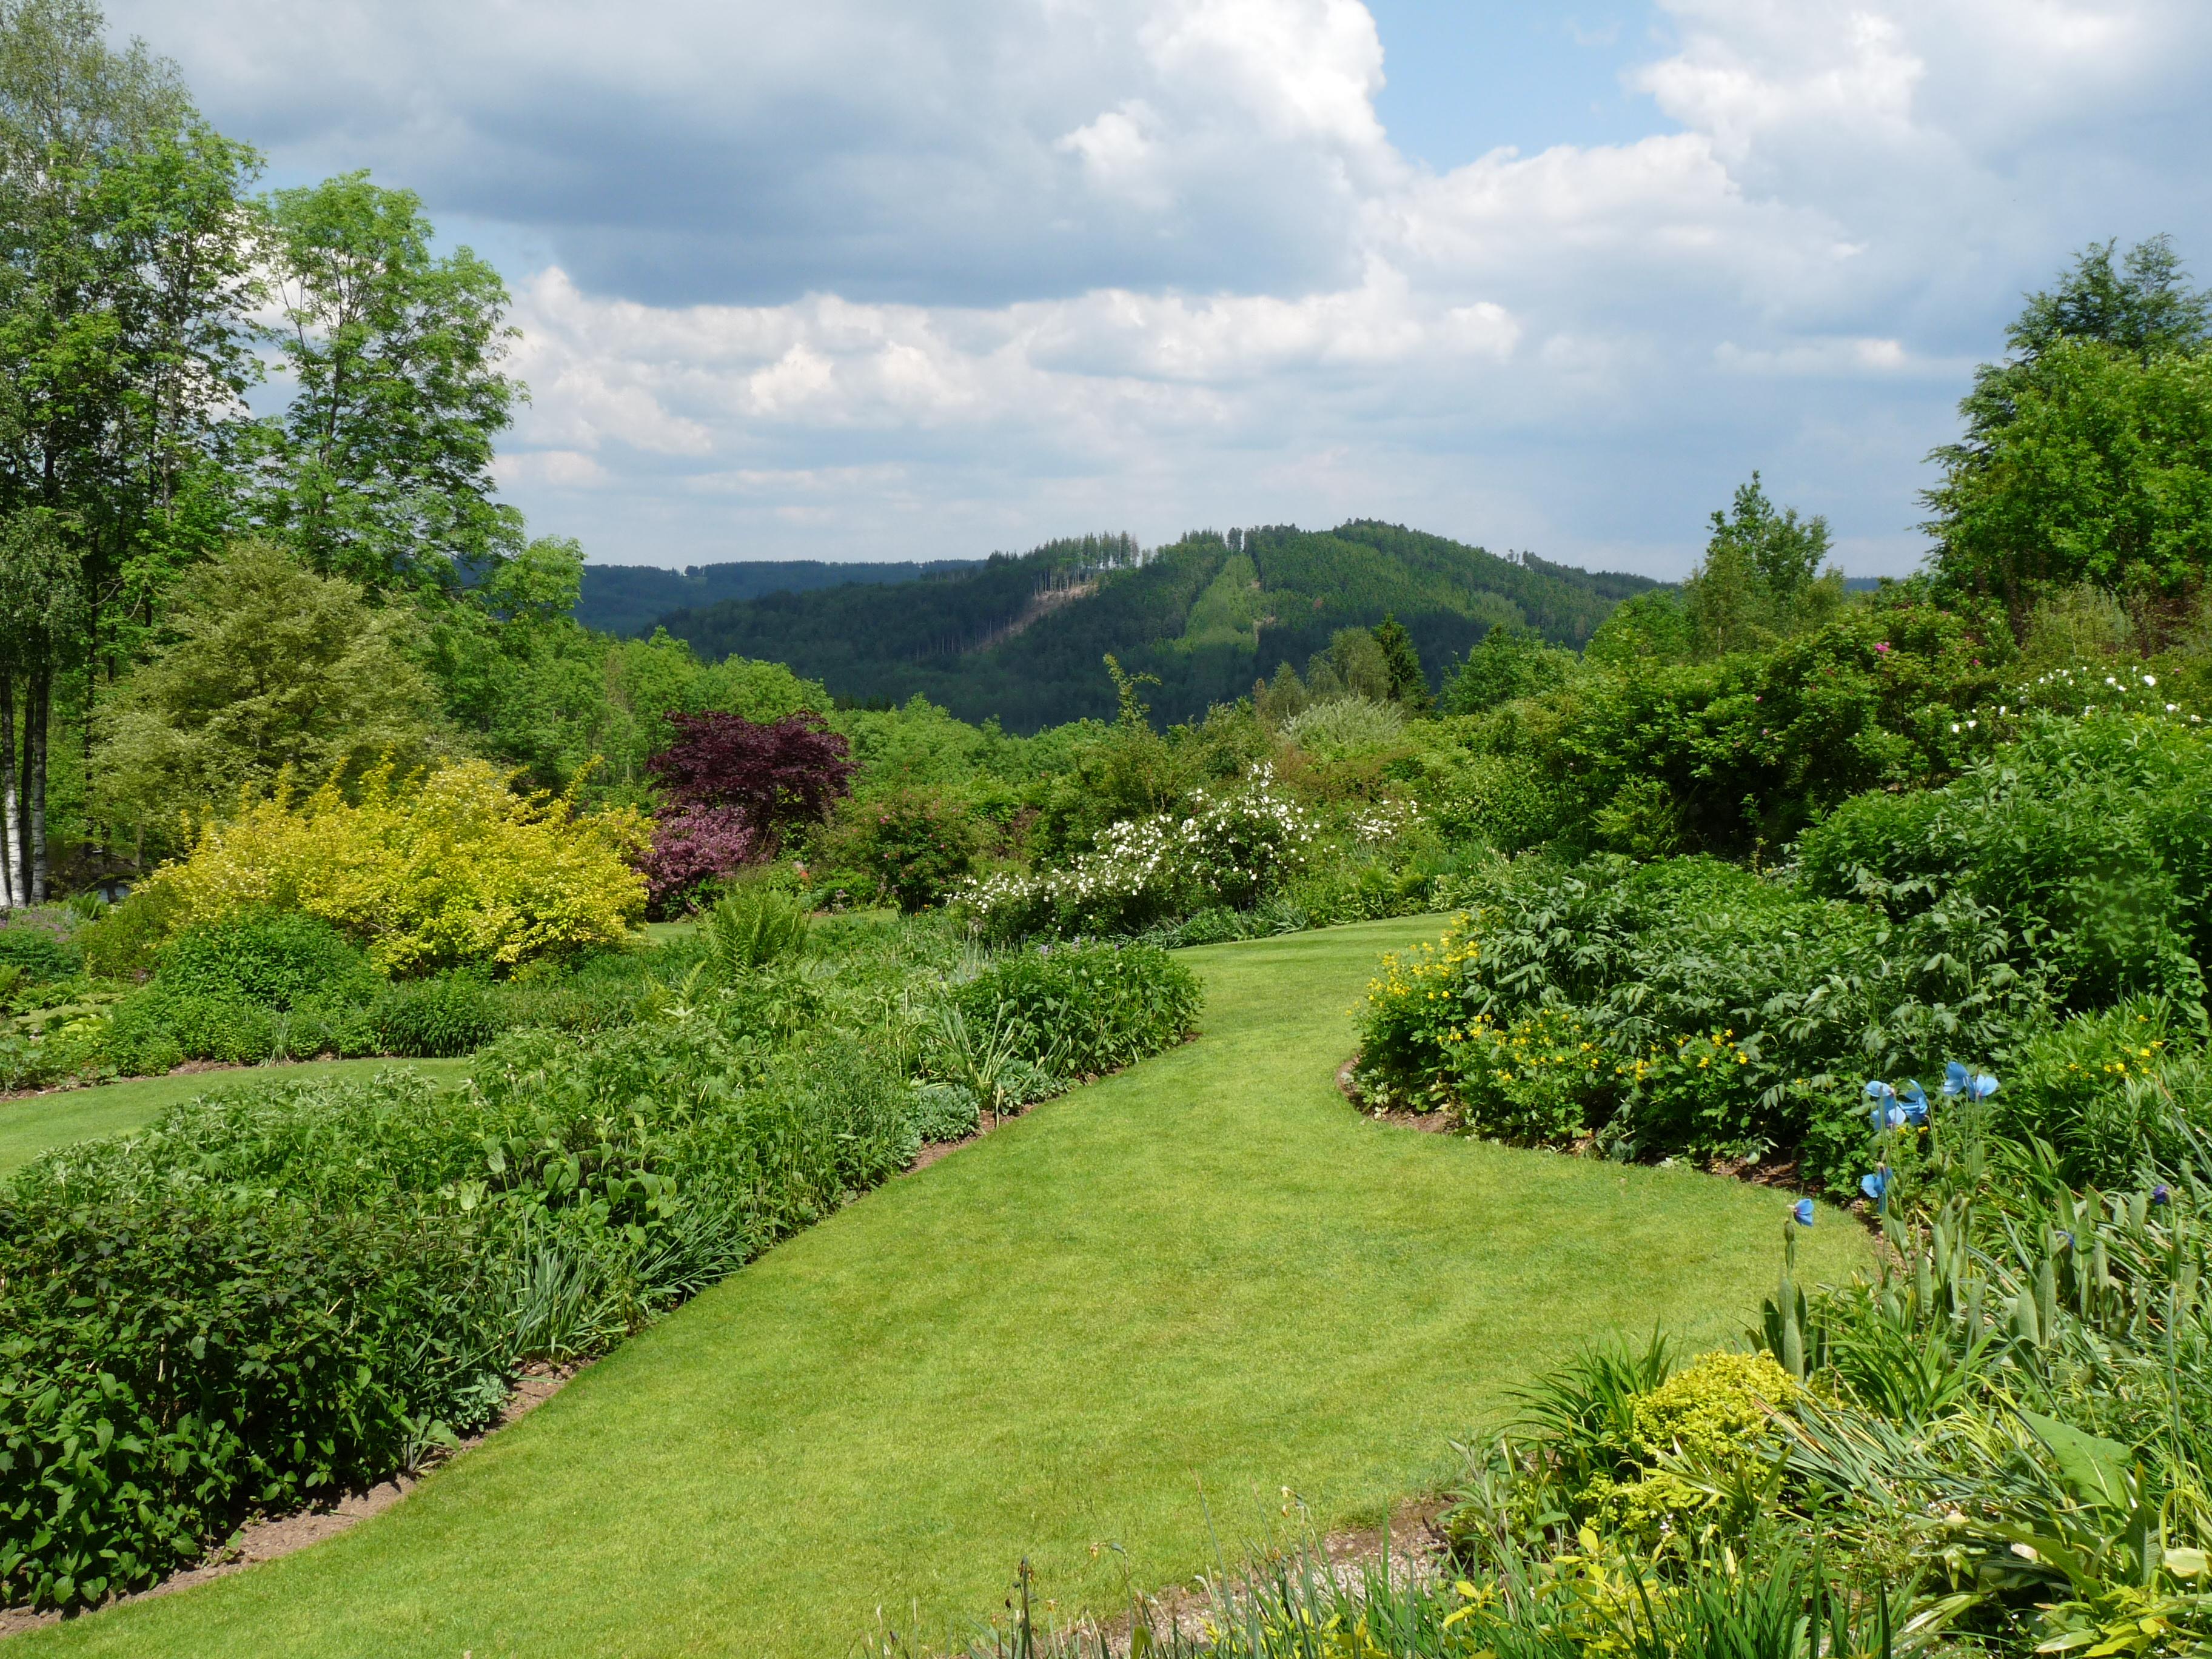 File:Jardin de Berchigranges (7).JPG - Wikimedia Commons